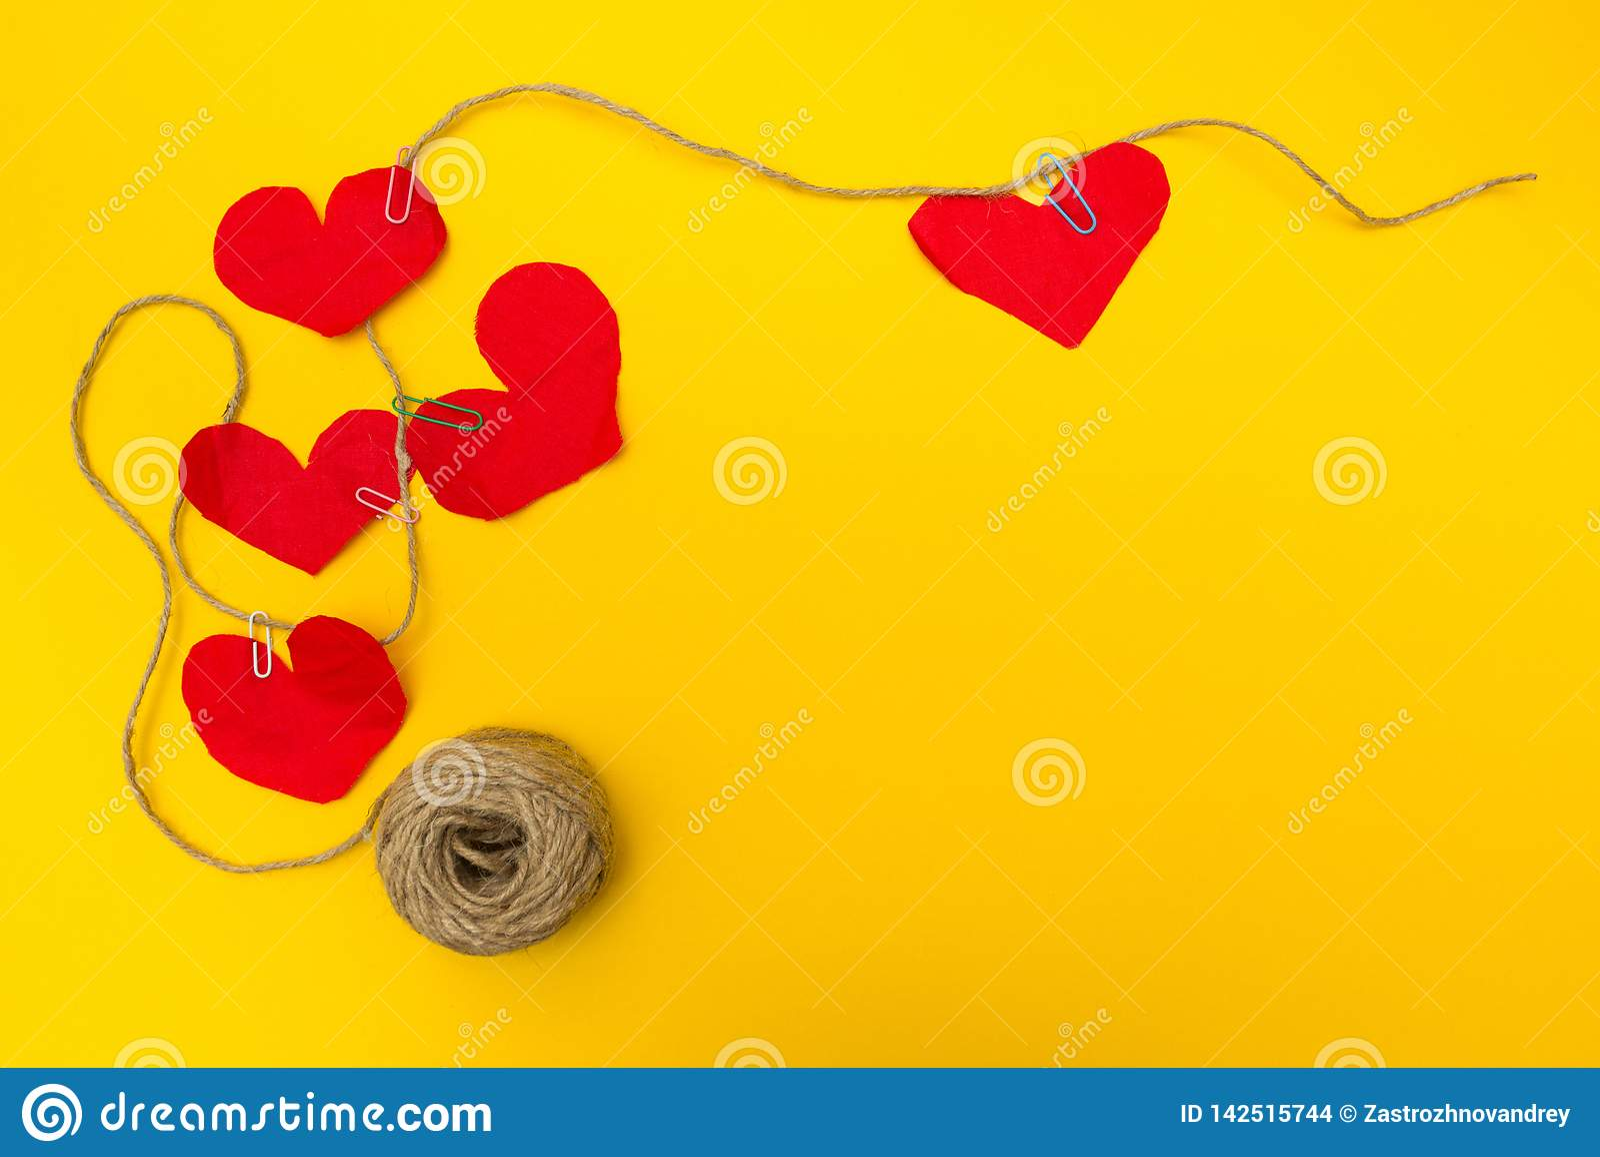 Handgemachtes Seil von fünf roten Herzen, gelber Hintergrund Flache Zusammensetzung